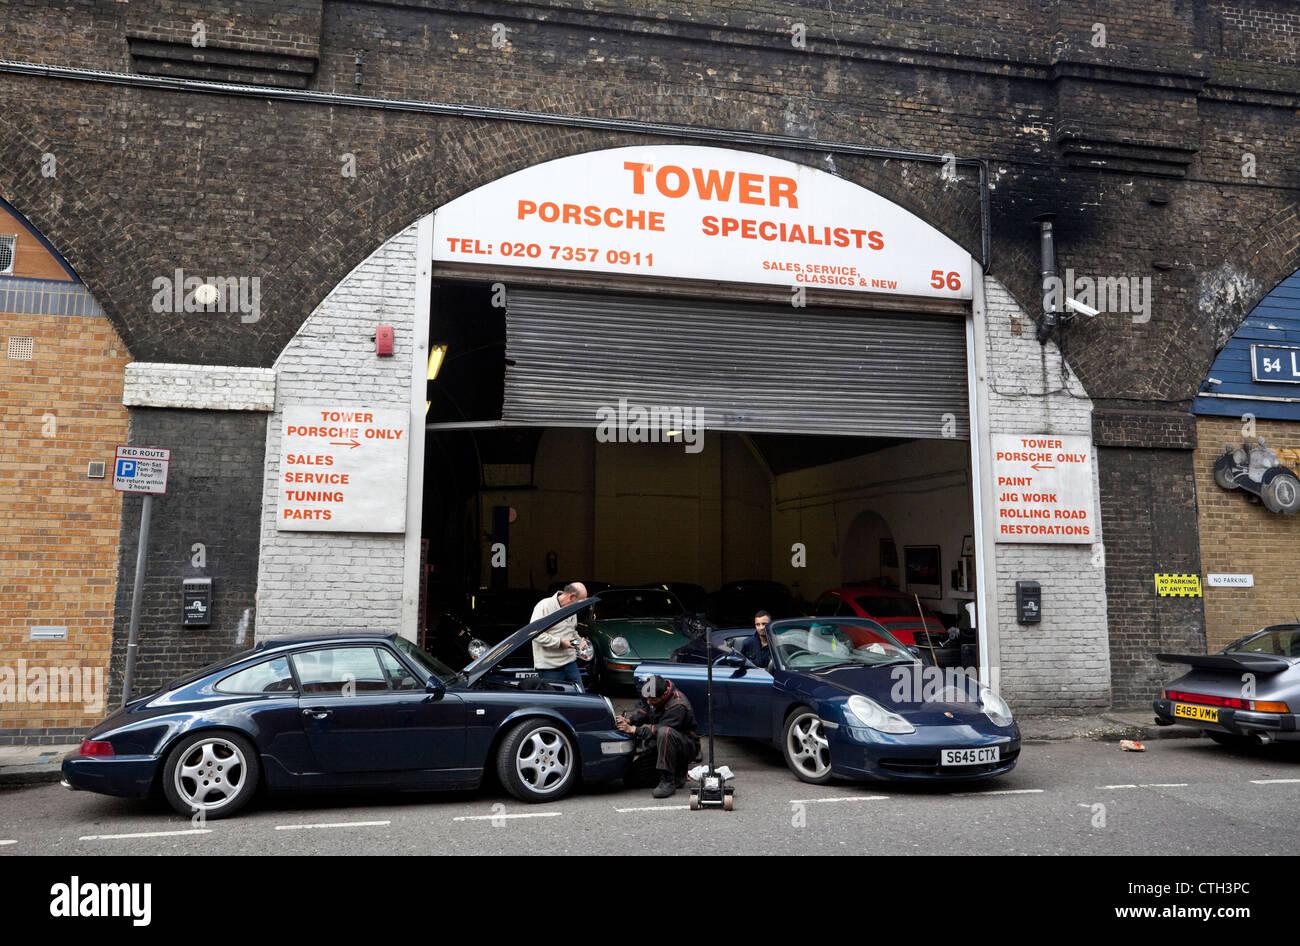 Mechanics working on Porches at a Porsche specialist garage, Druid